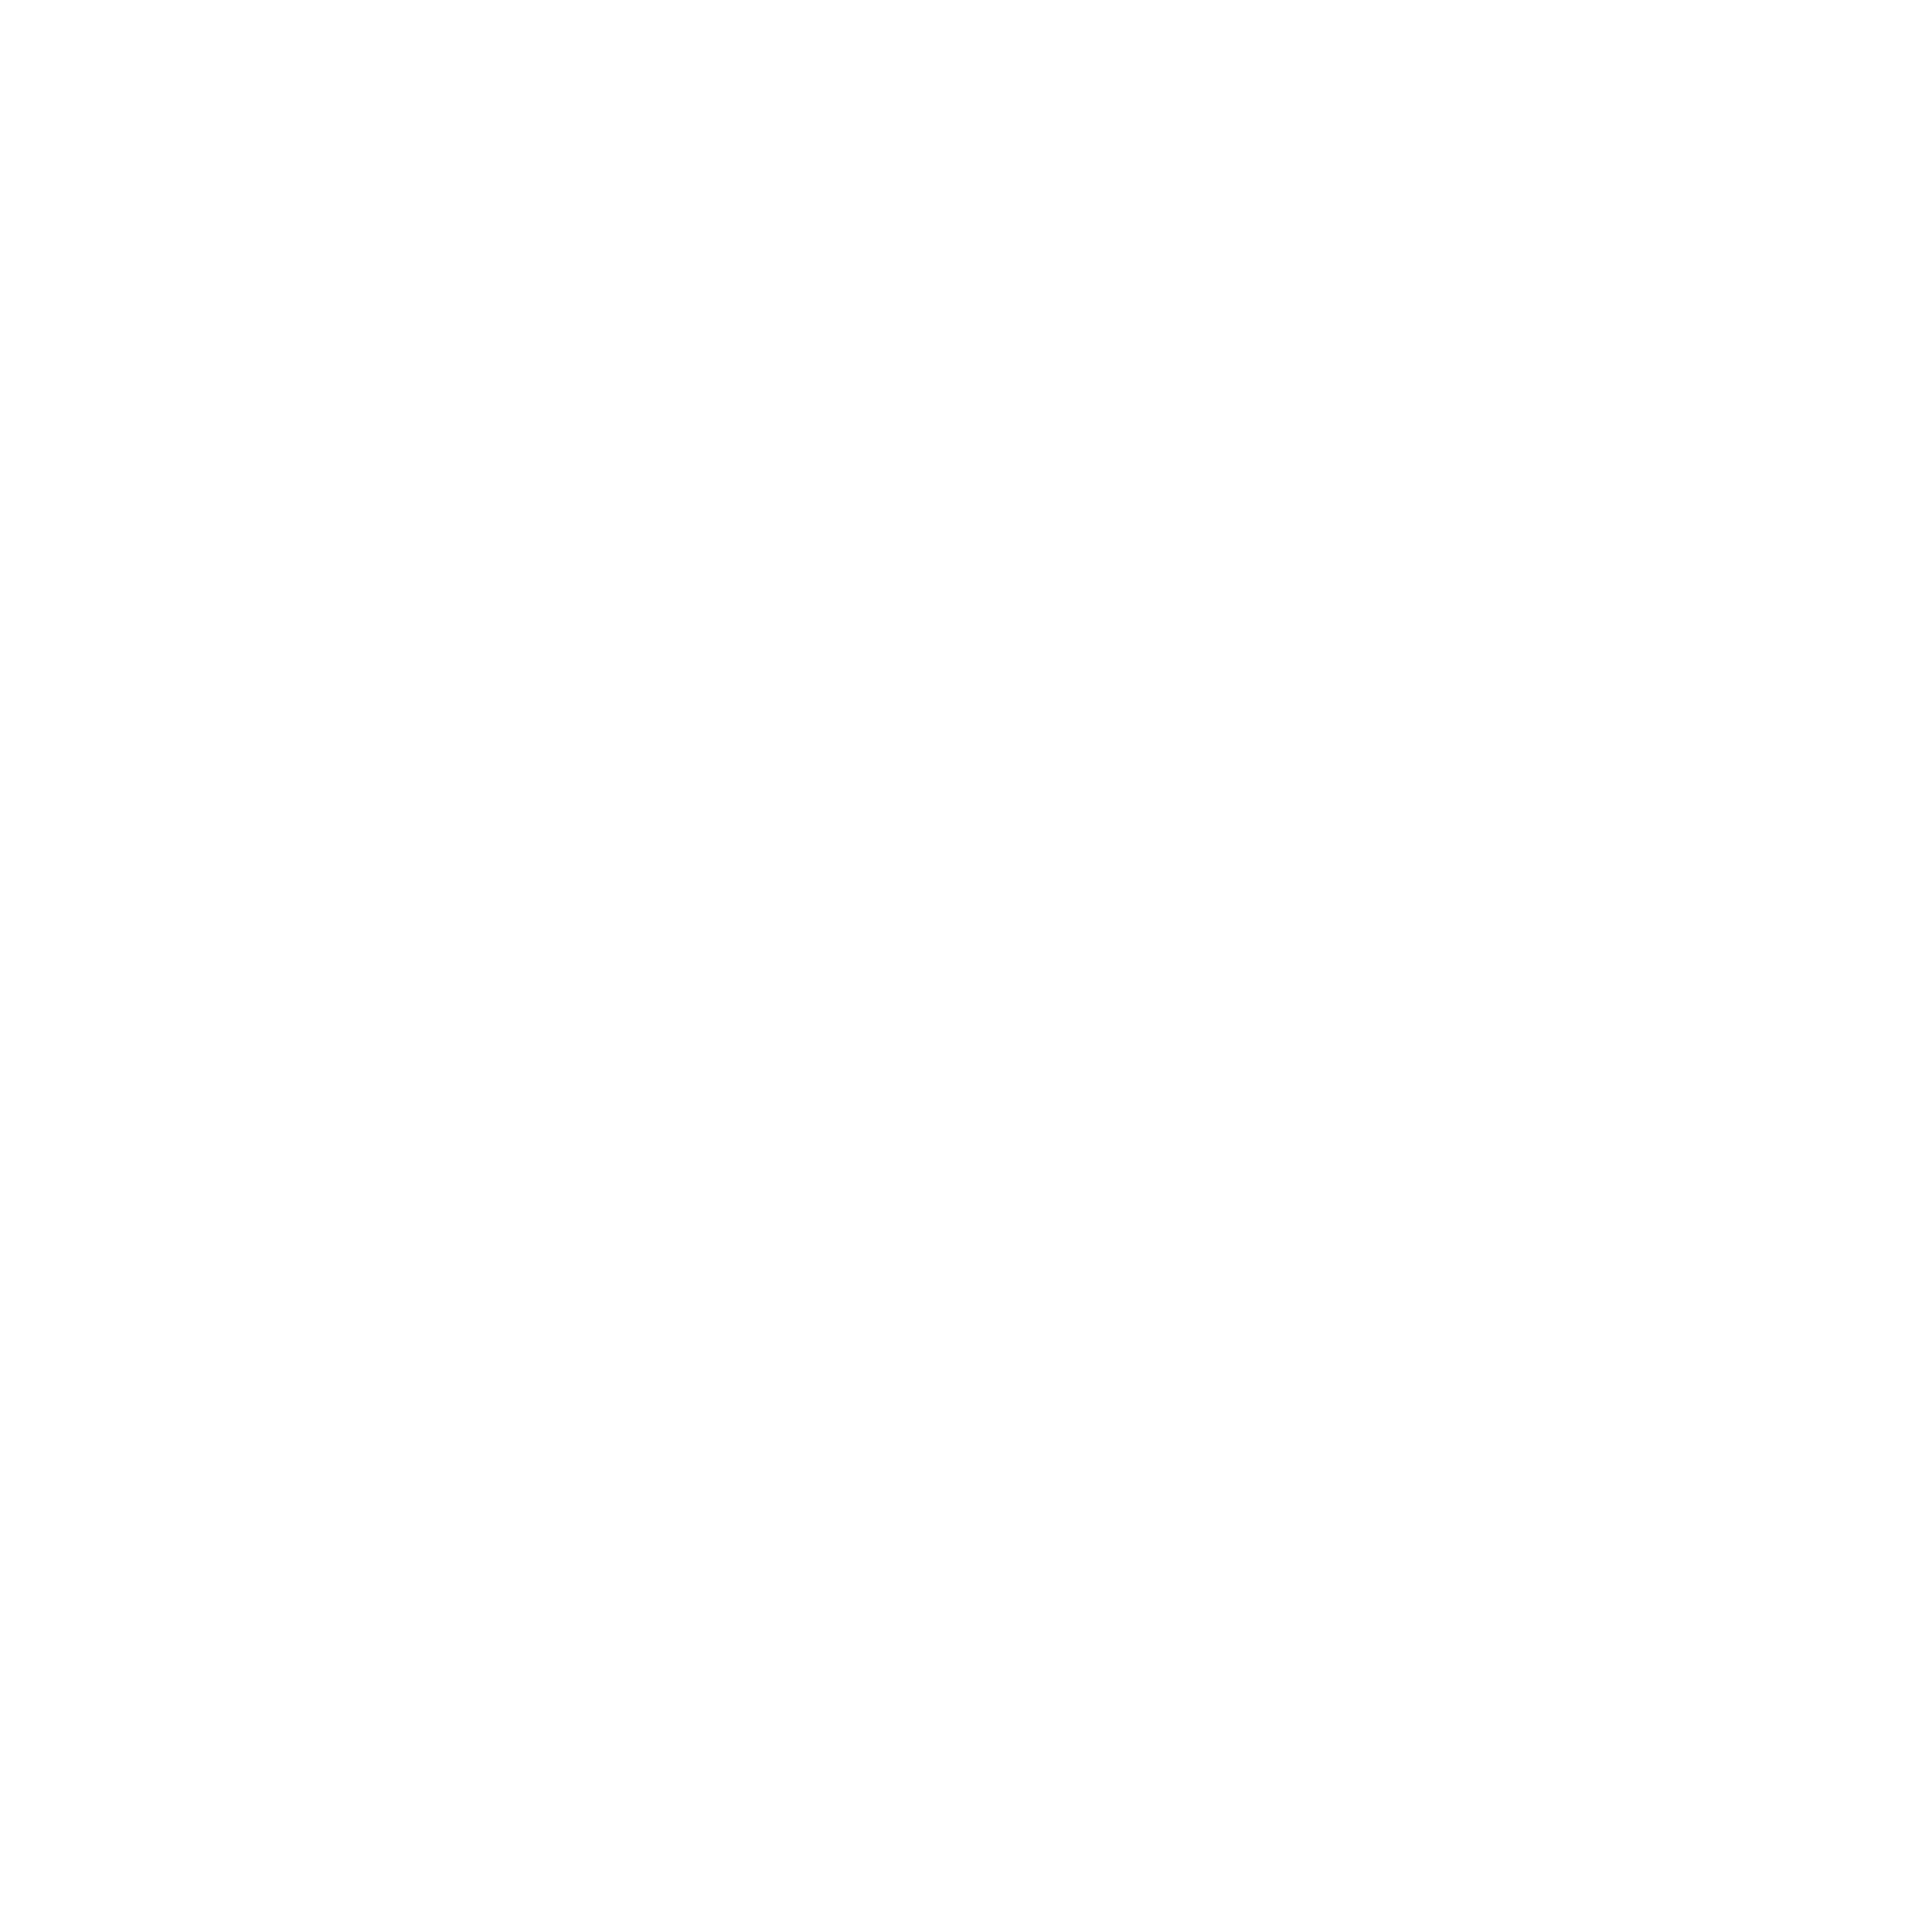 Akhil Arora